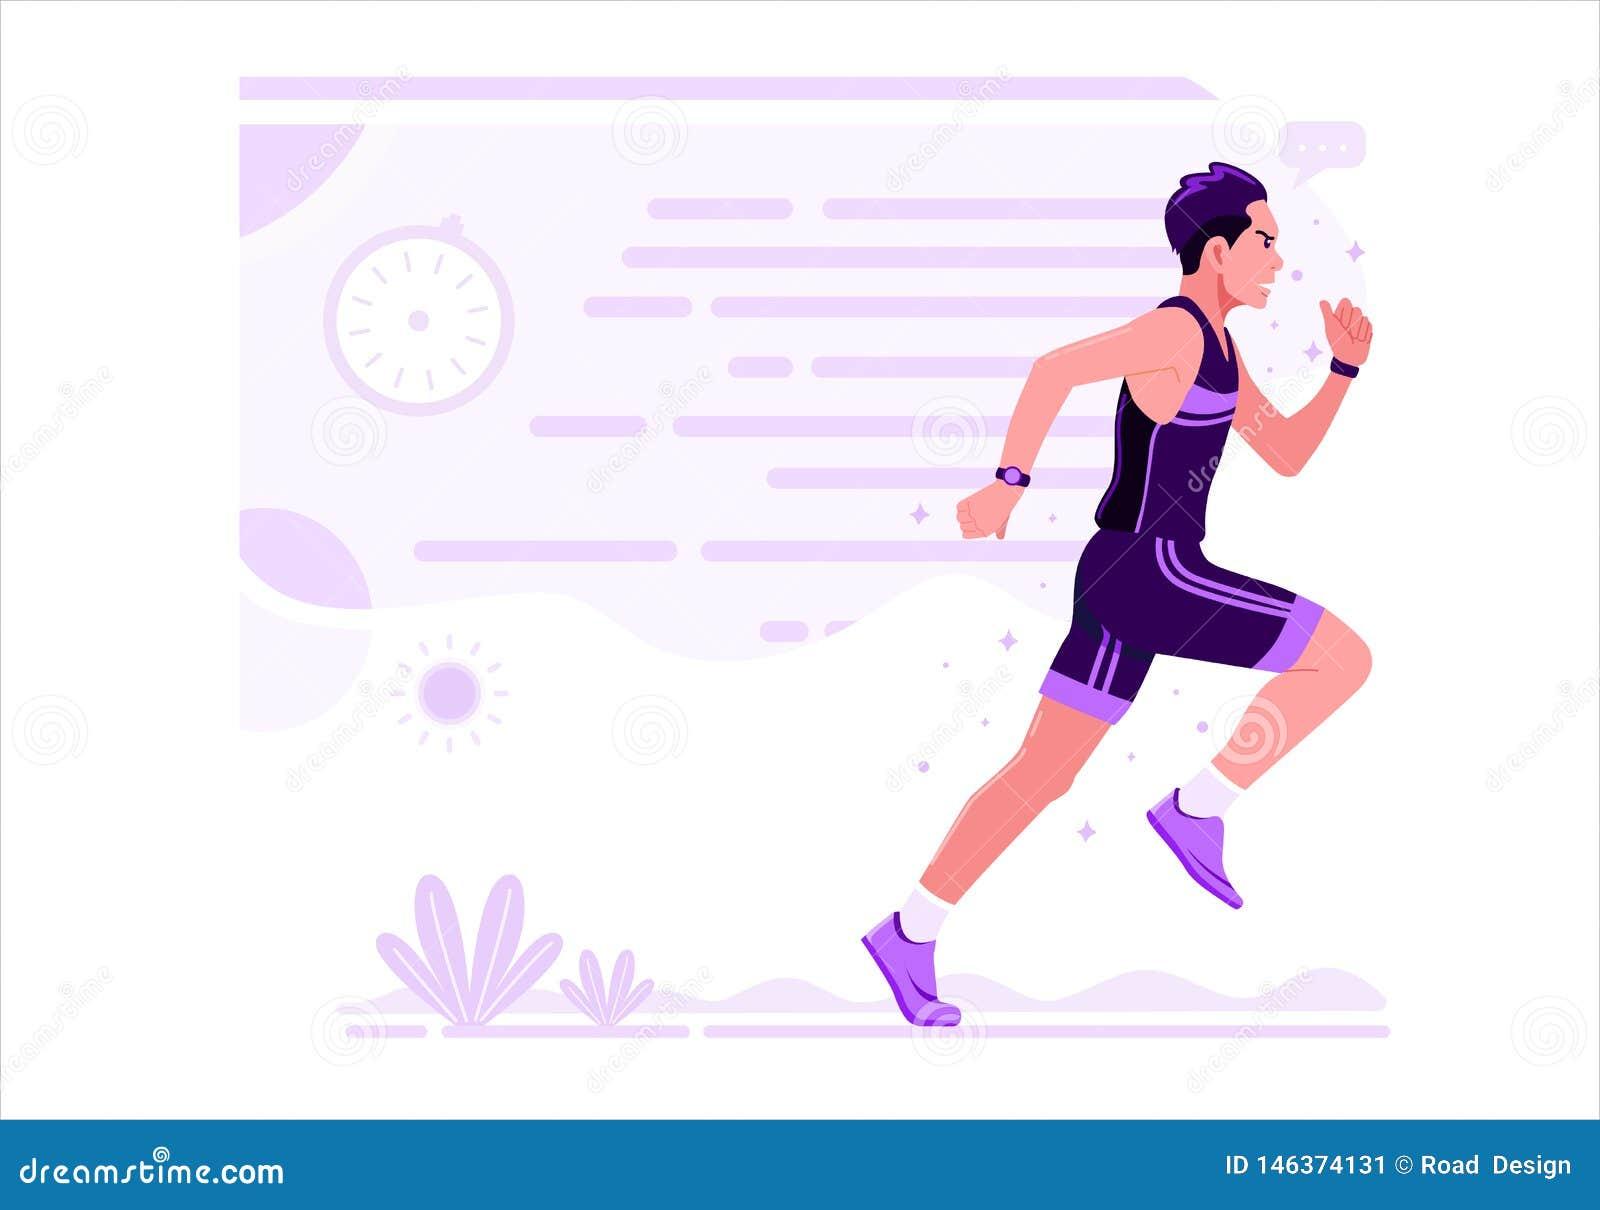 Τρέχοντας ατόμων επίπεδο σχέδιο απεικόνισης αθλητικού αθλητισμού διανυσματικό